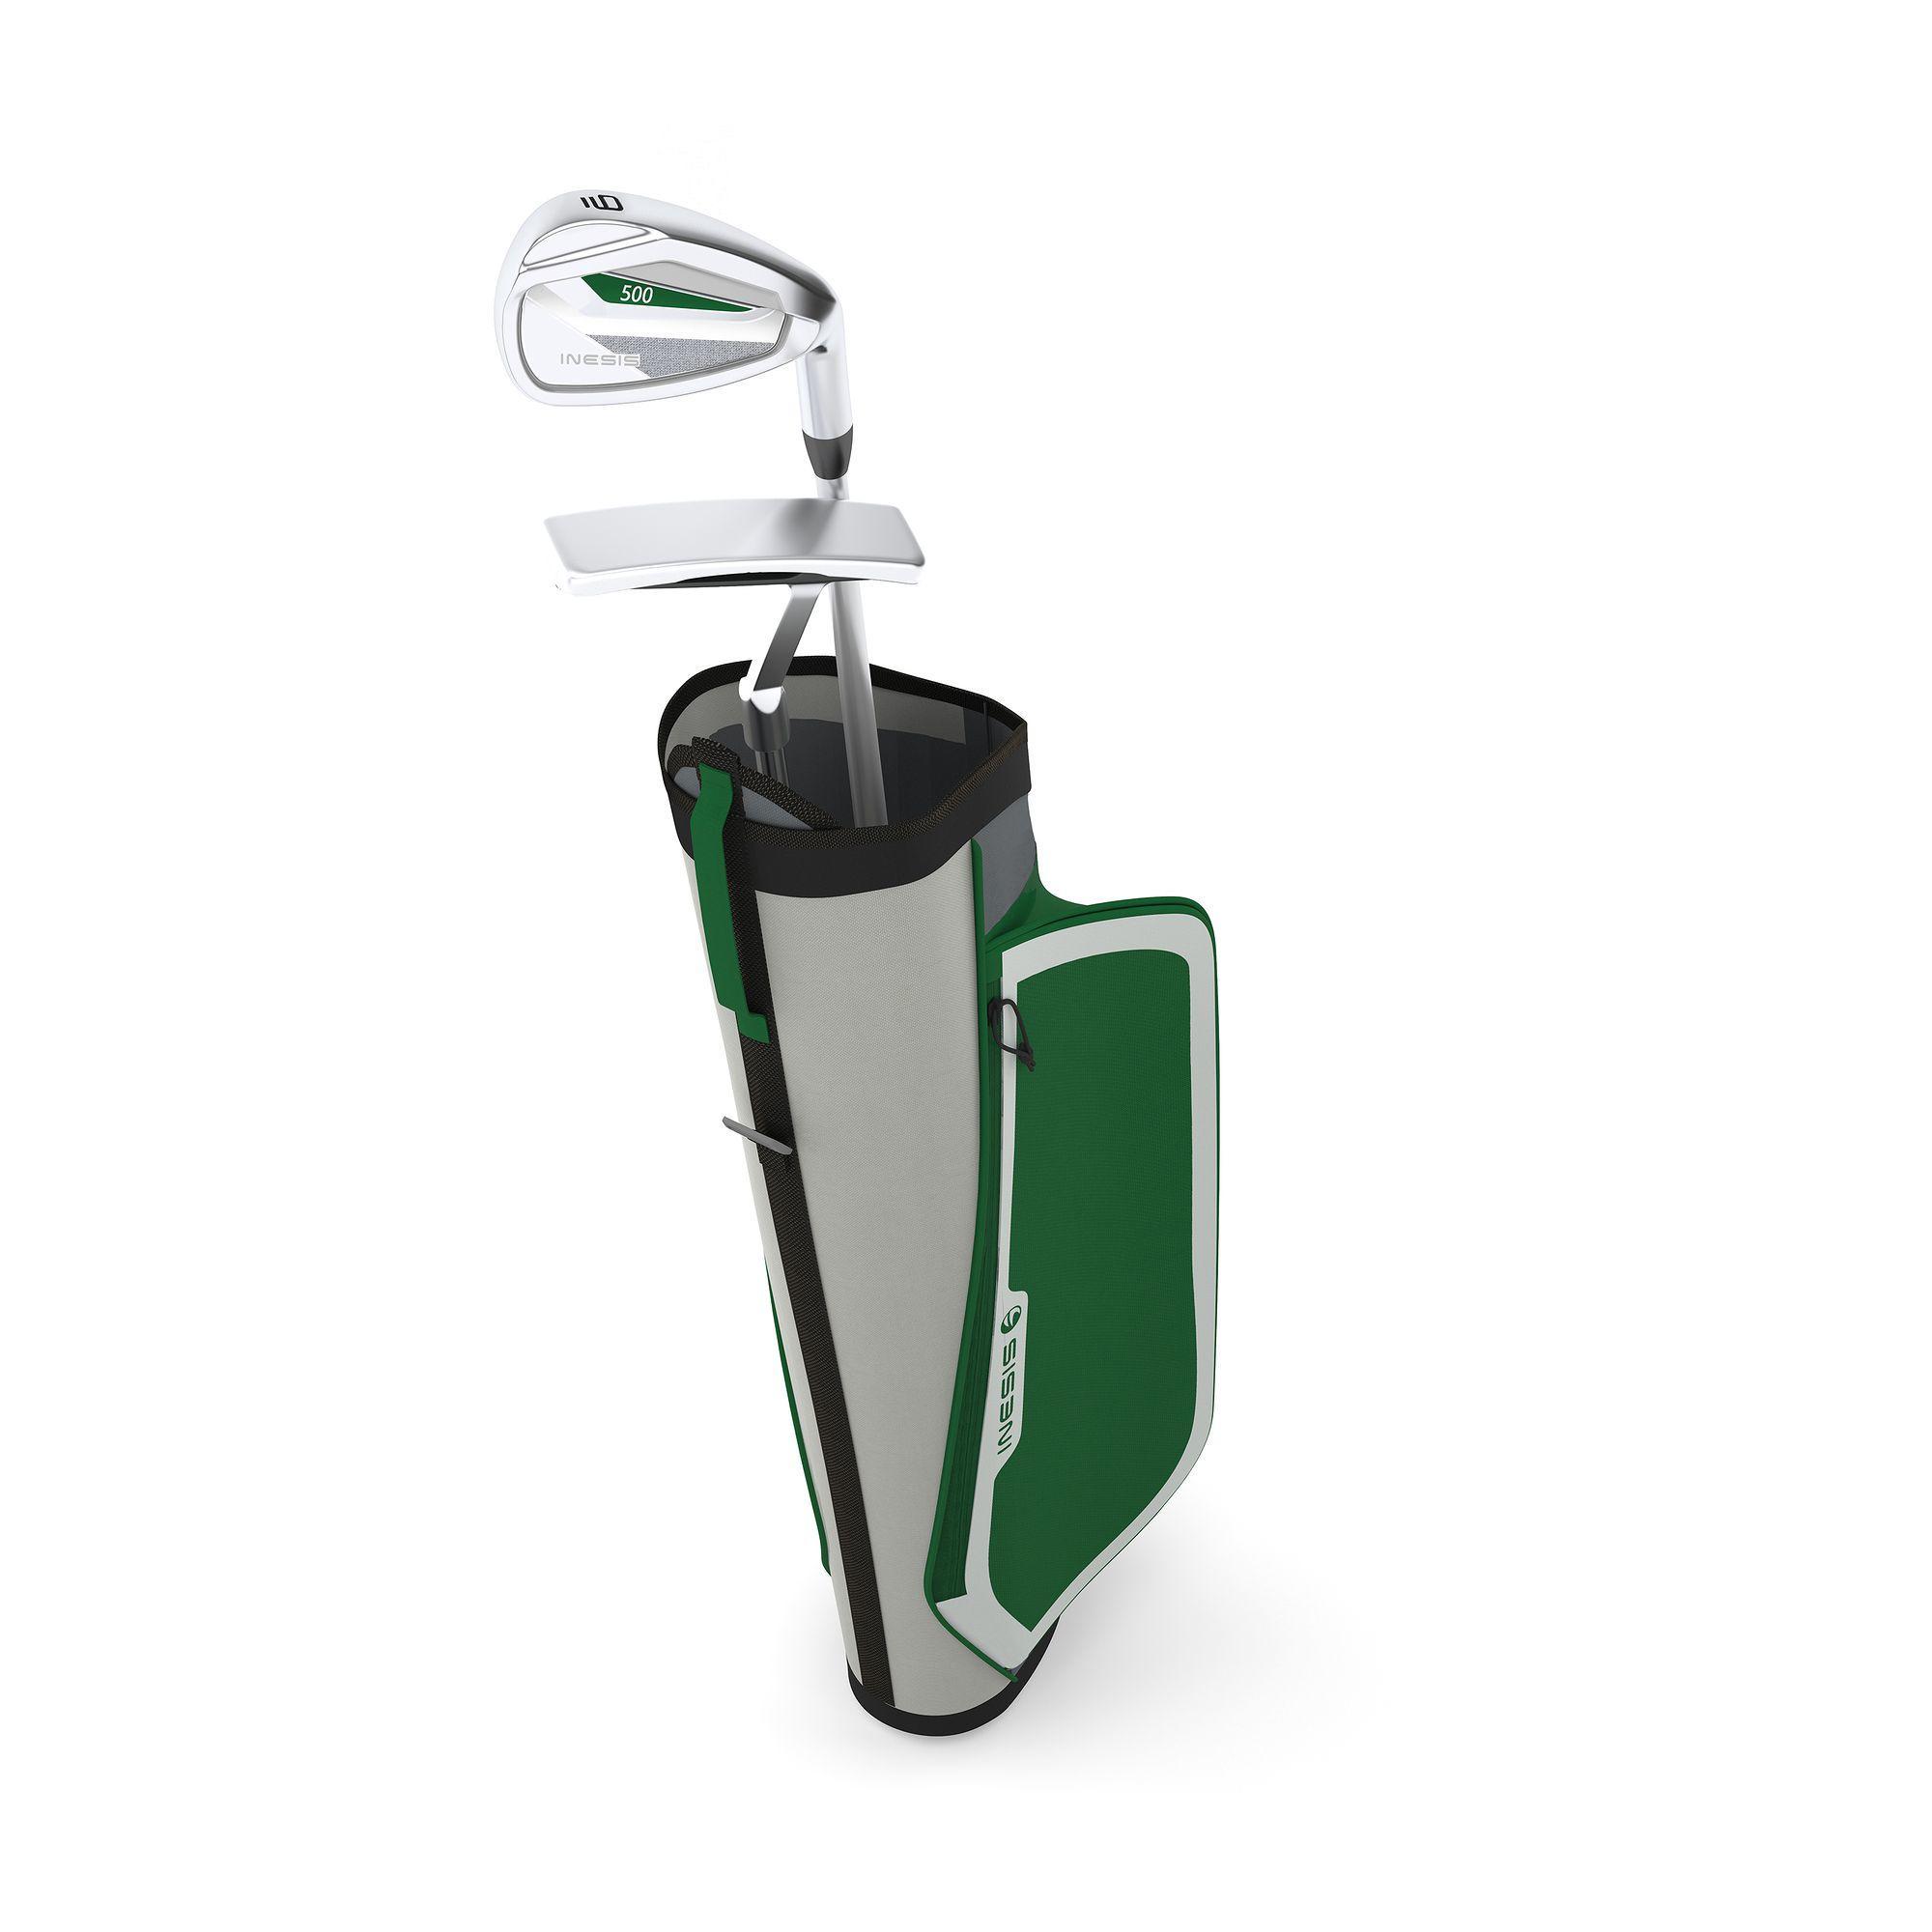 KIT de golf 500 niños 5-7 AÑOS diestro